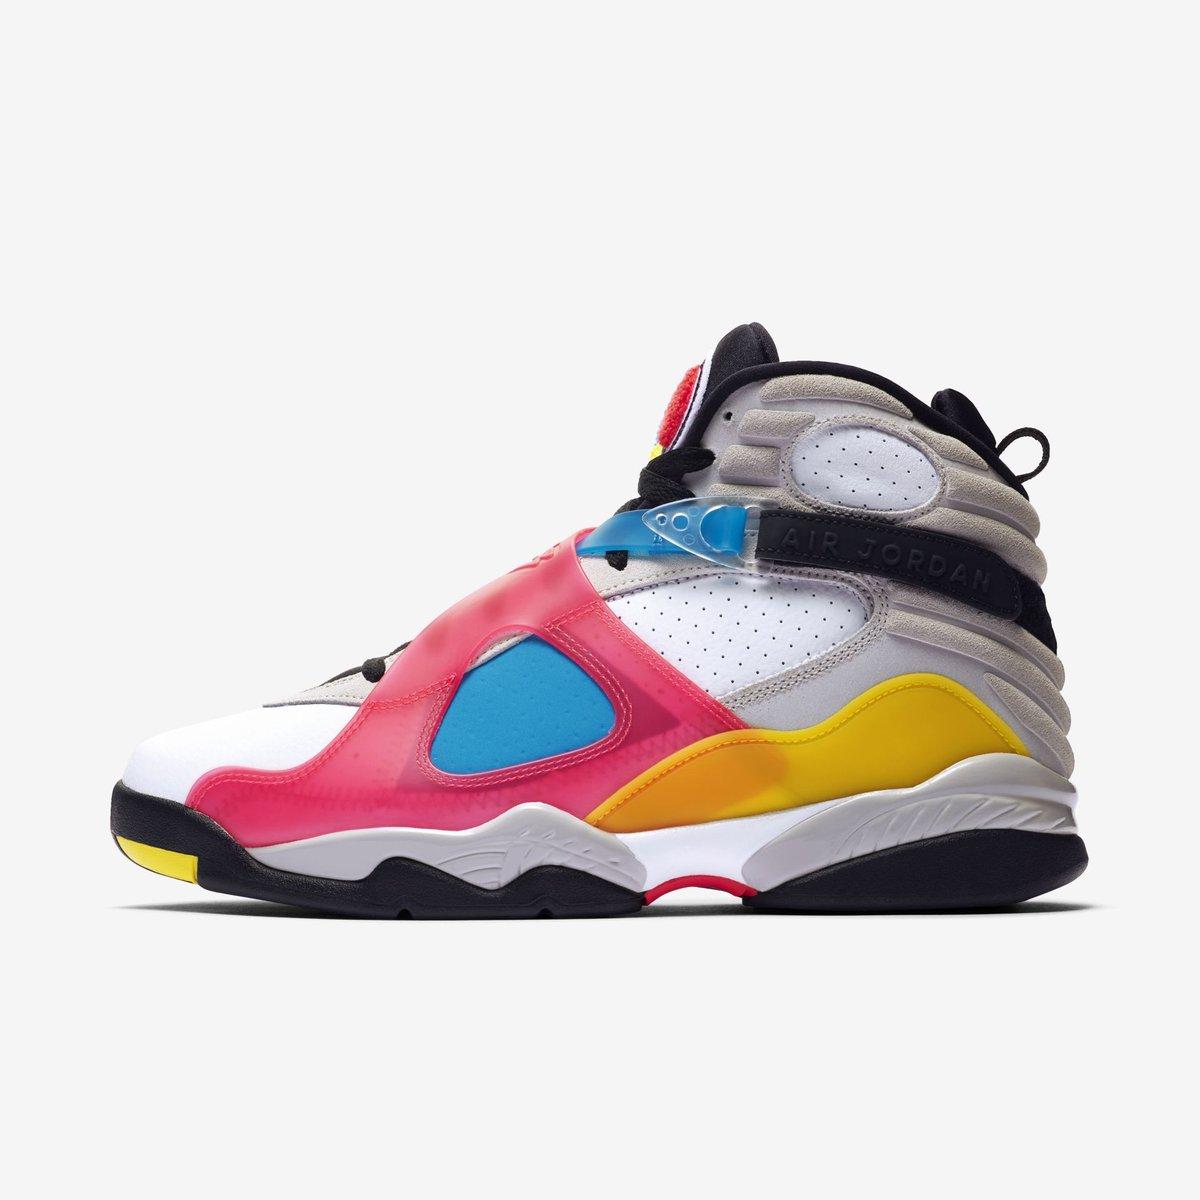 """ENDS TONIGHT: Jordan 8 Retro SE """"Multi-color"""" $91.48 on @nikestore with code LOGIN25 Link -> go.j23app.com/dj9"""